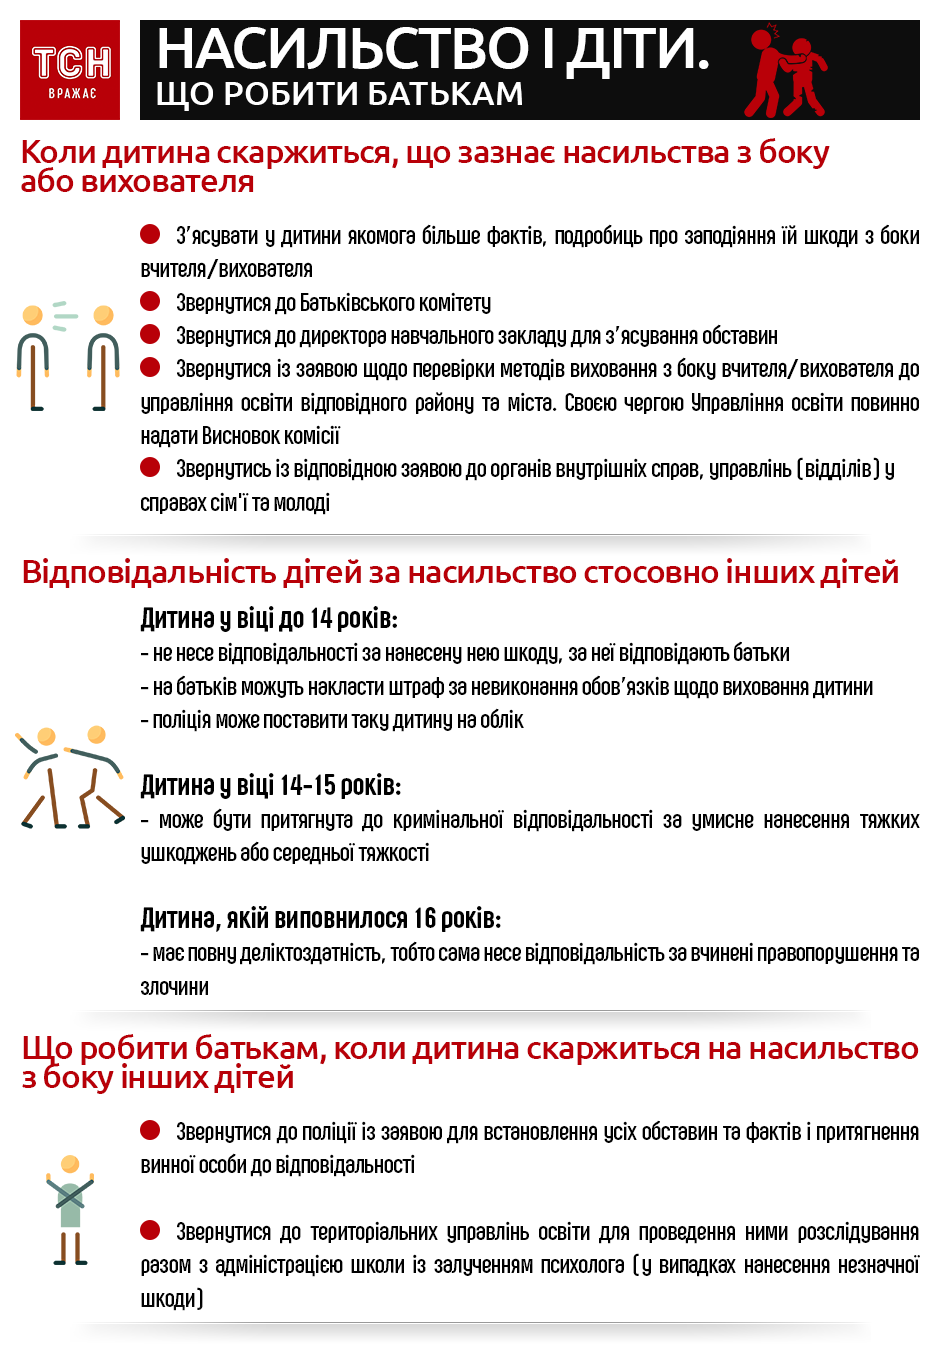 Насилля і діти, інфографіка